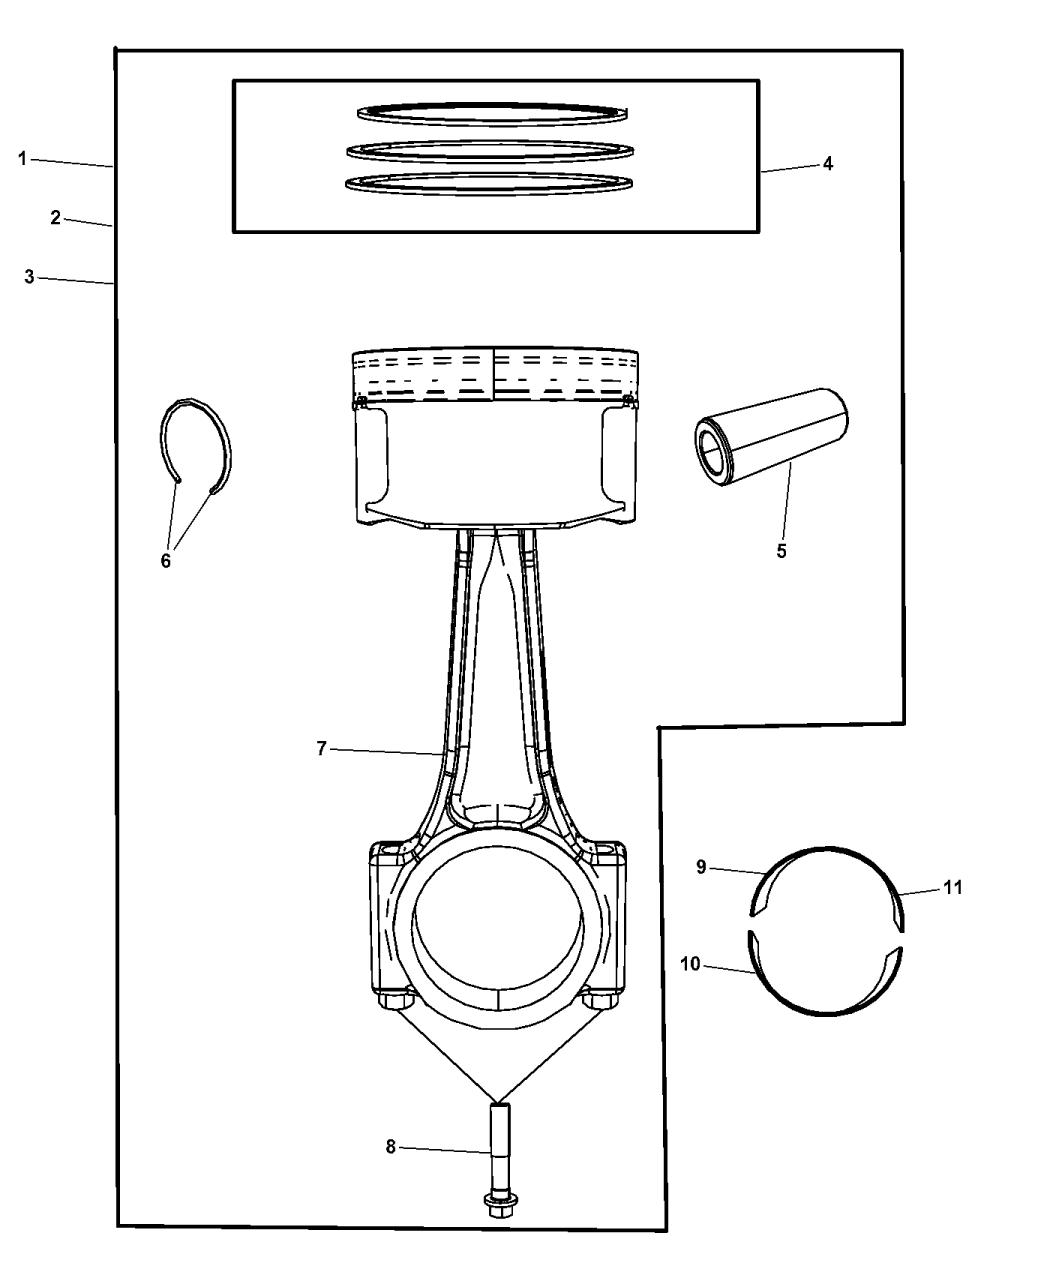 2011 Dodge Avenger Engine Diagram